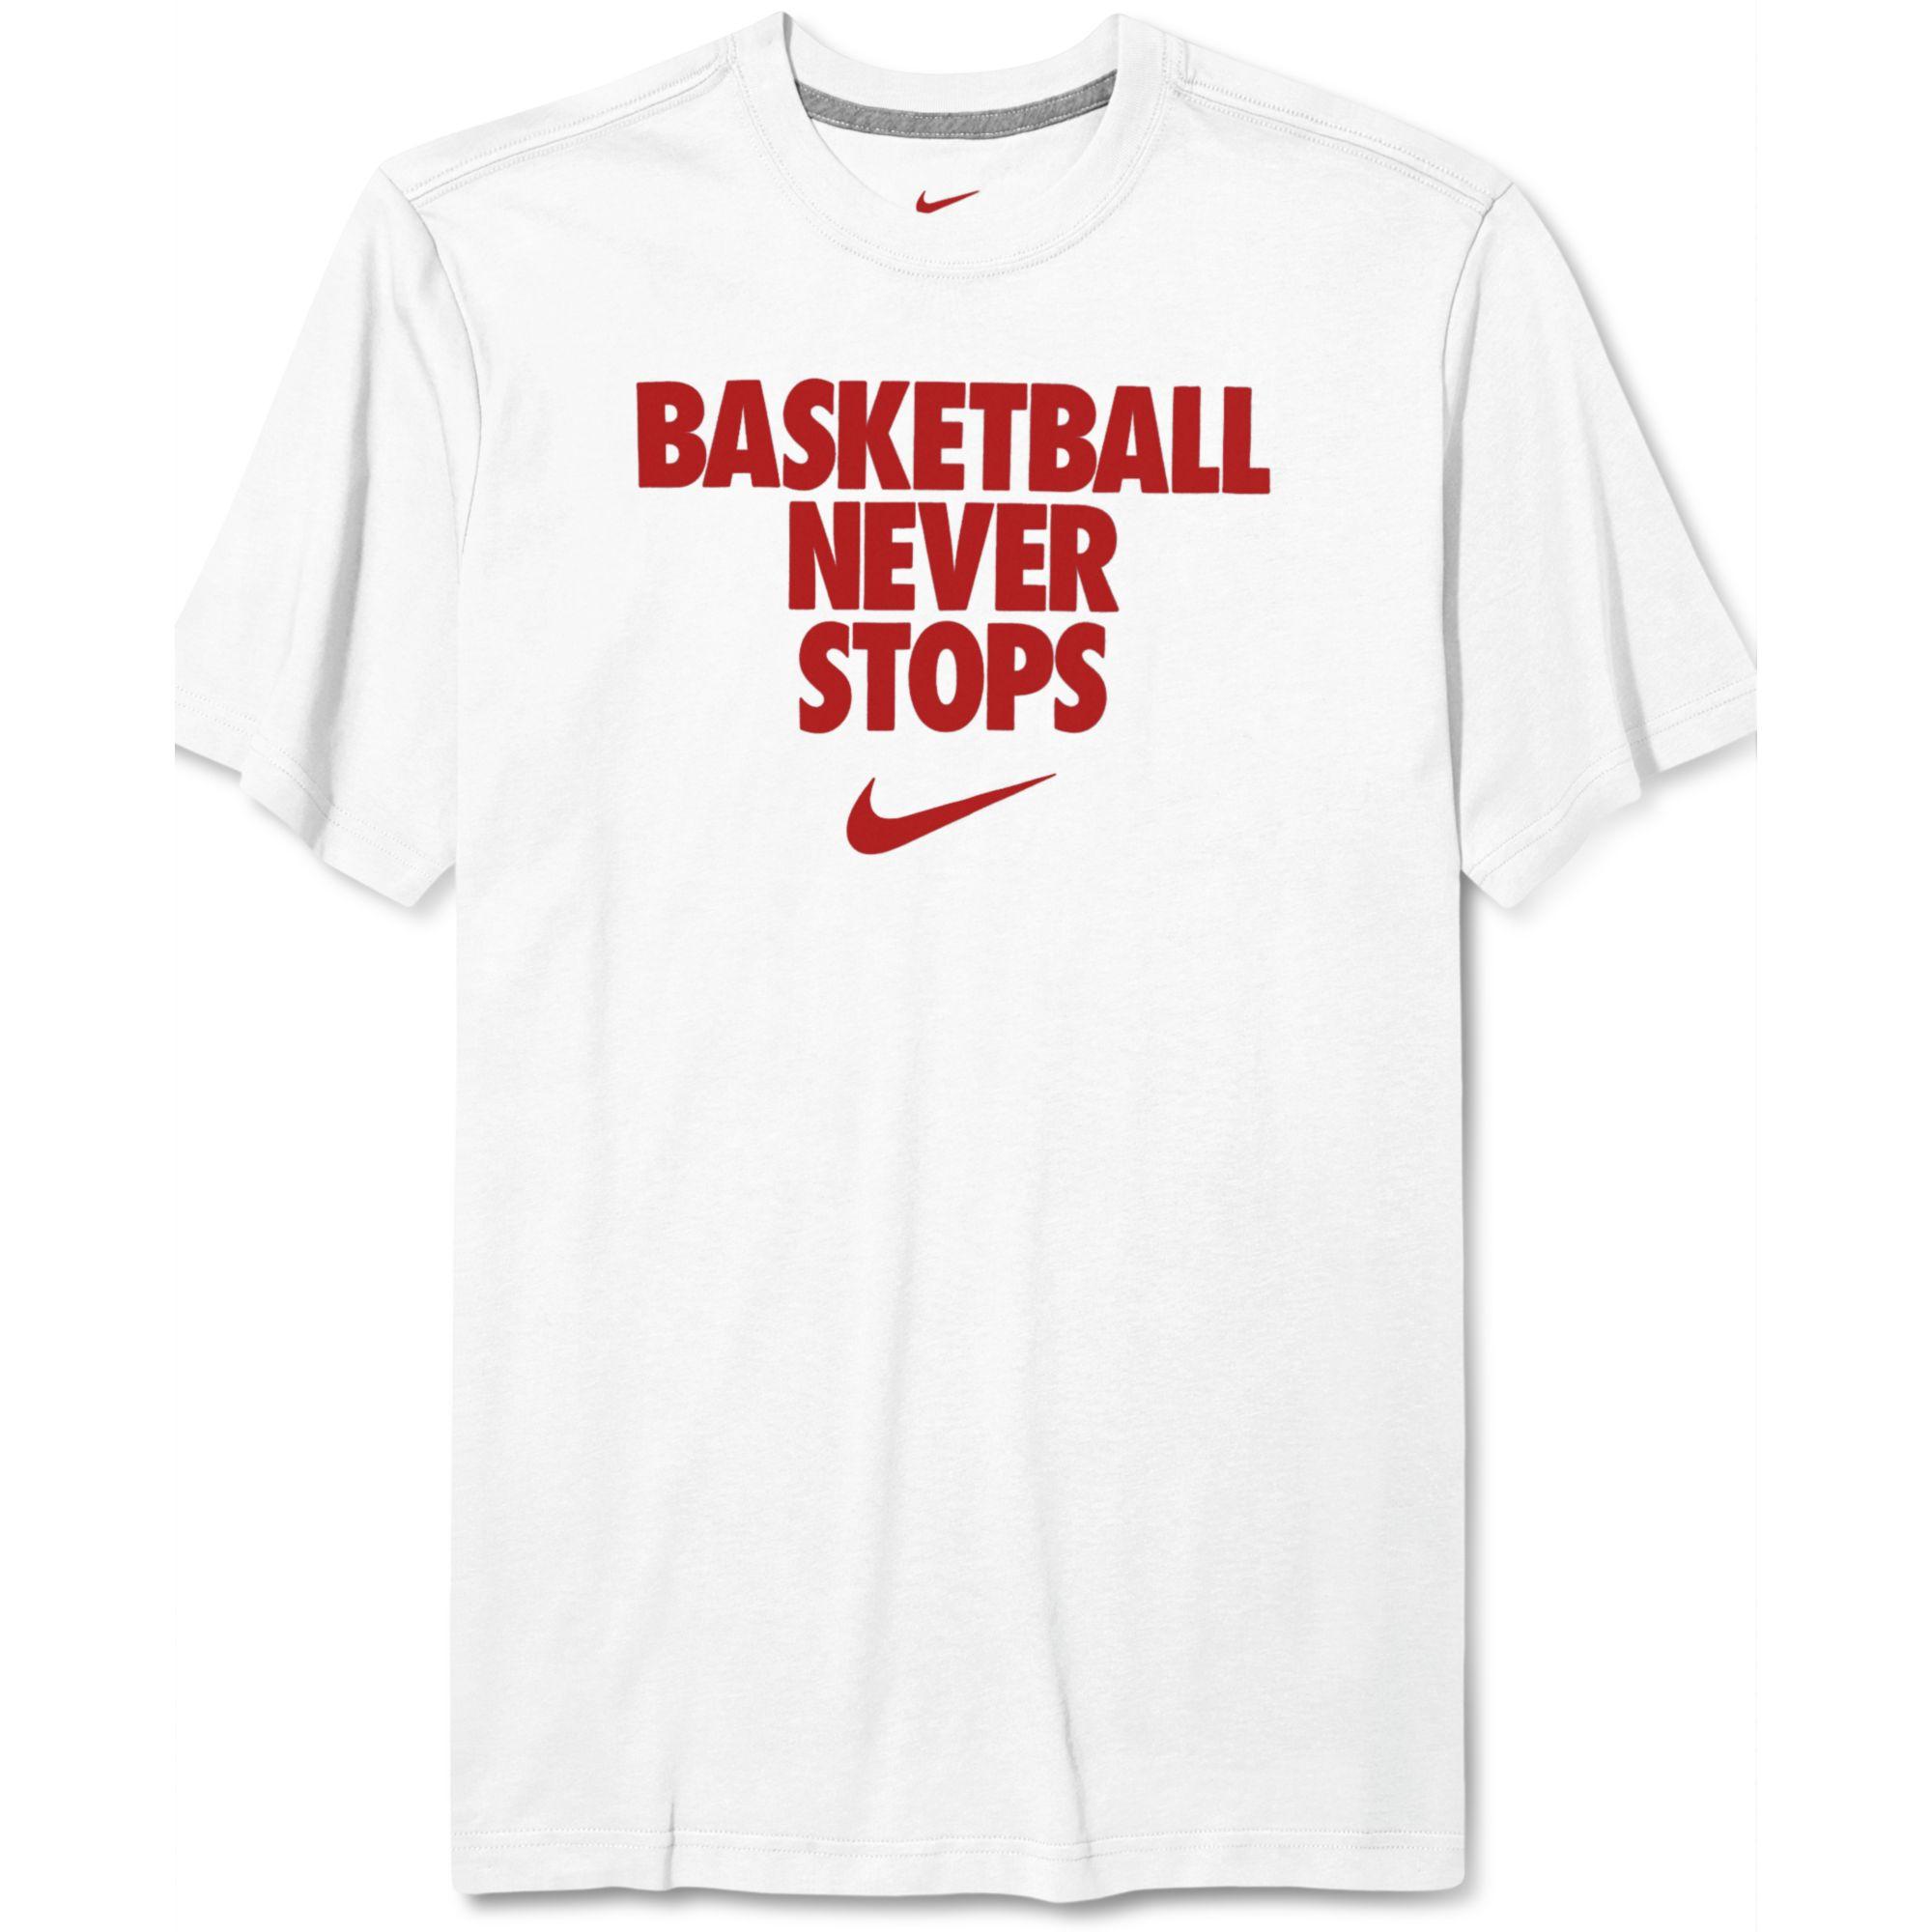 Is A Shirt